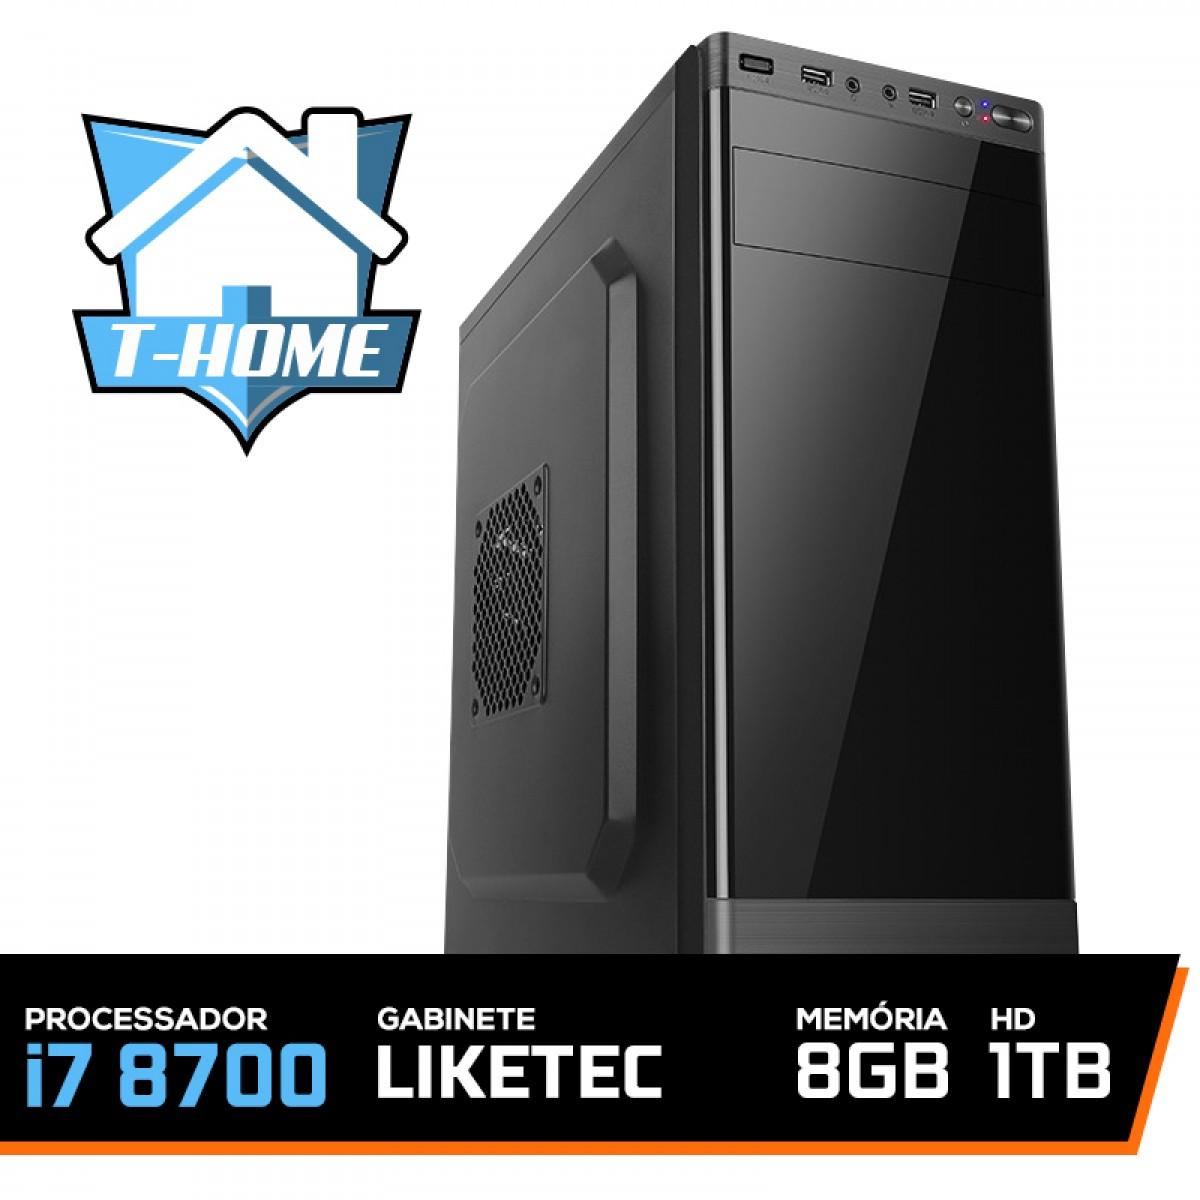 Computador T-home Intel I7 8700/ 8Gb DDR4 / HD 1Tb